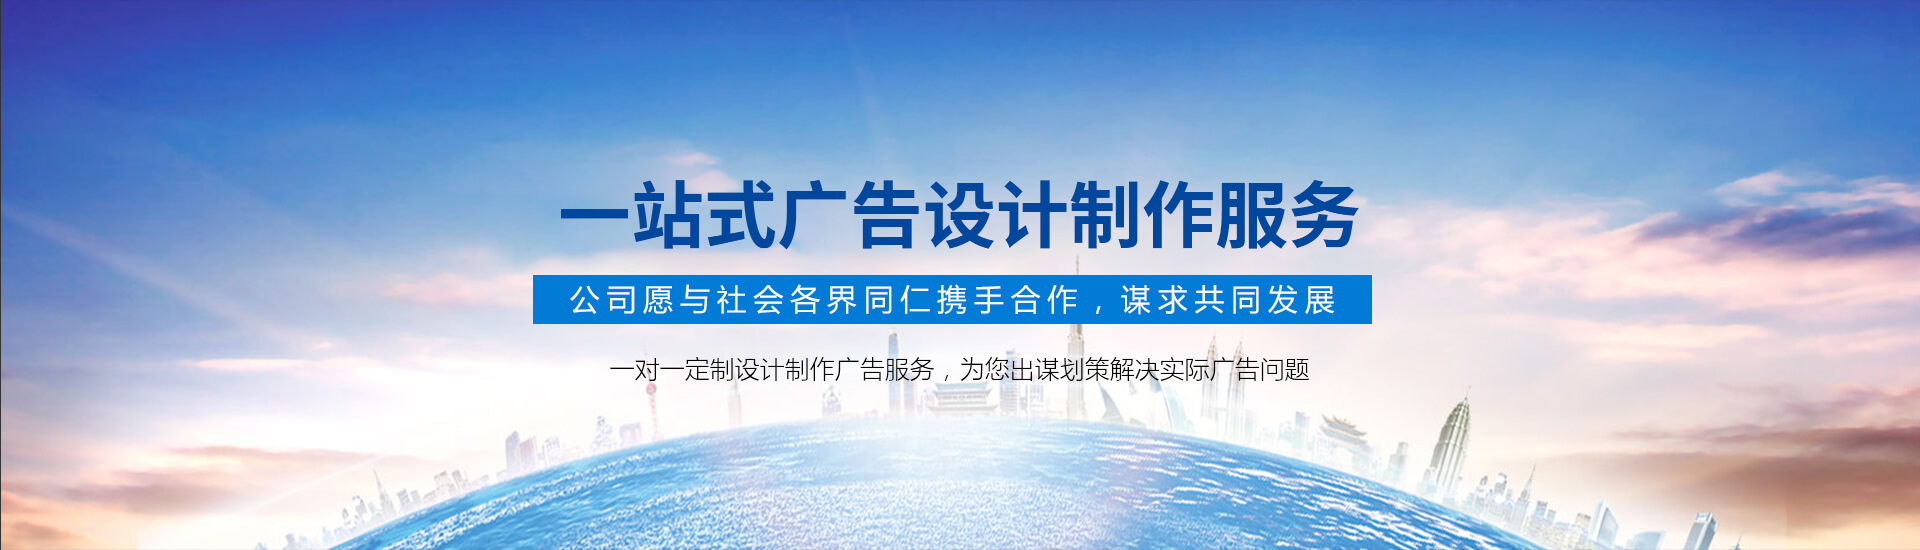 武汉宣传栏制作